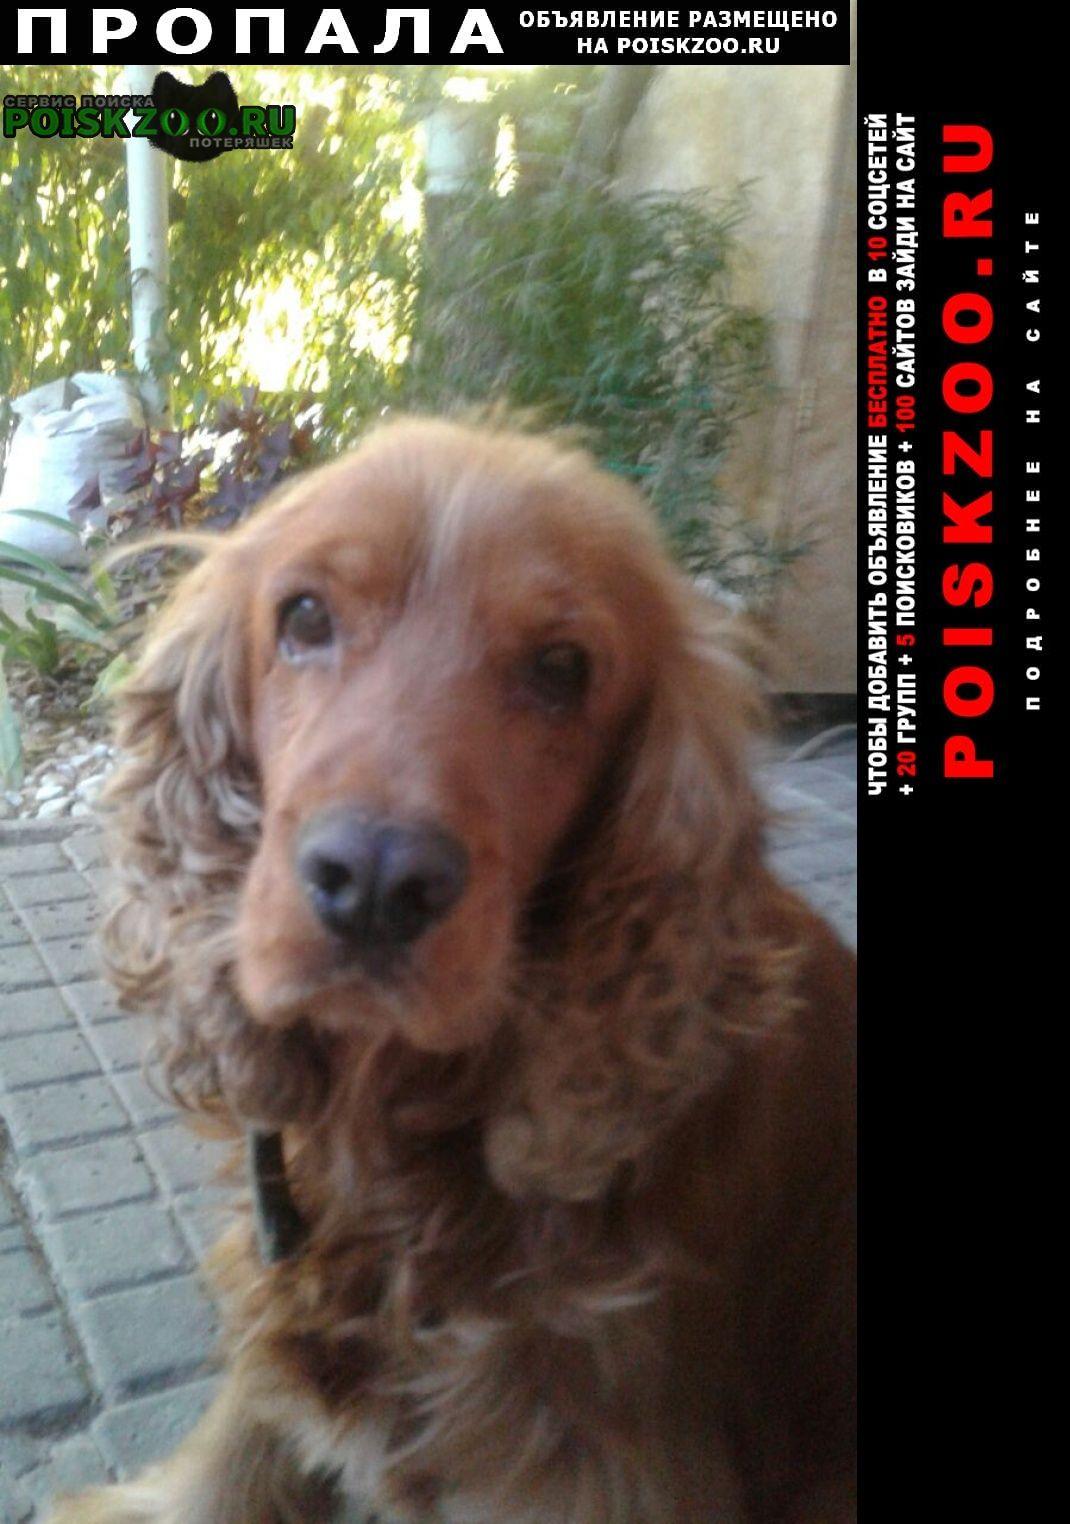 Пропала собака английский кокер спаниель Геленджик